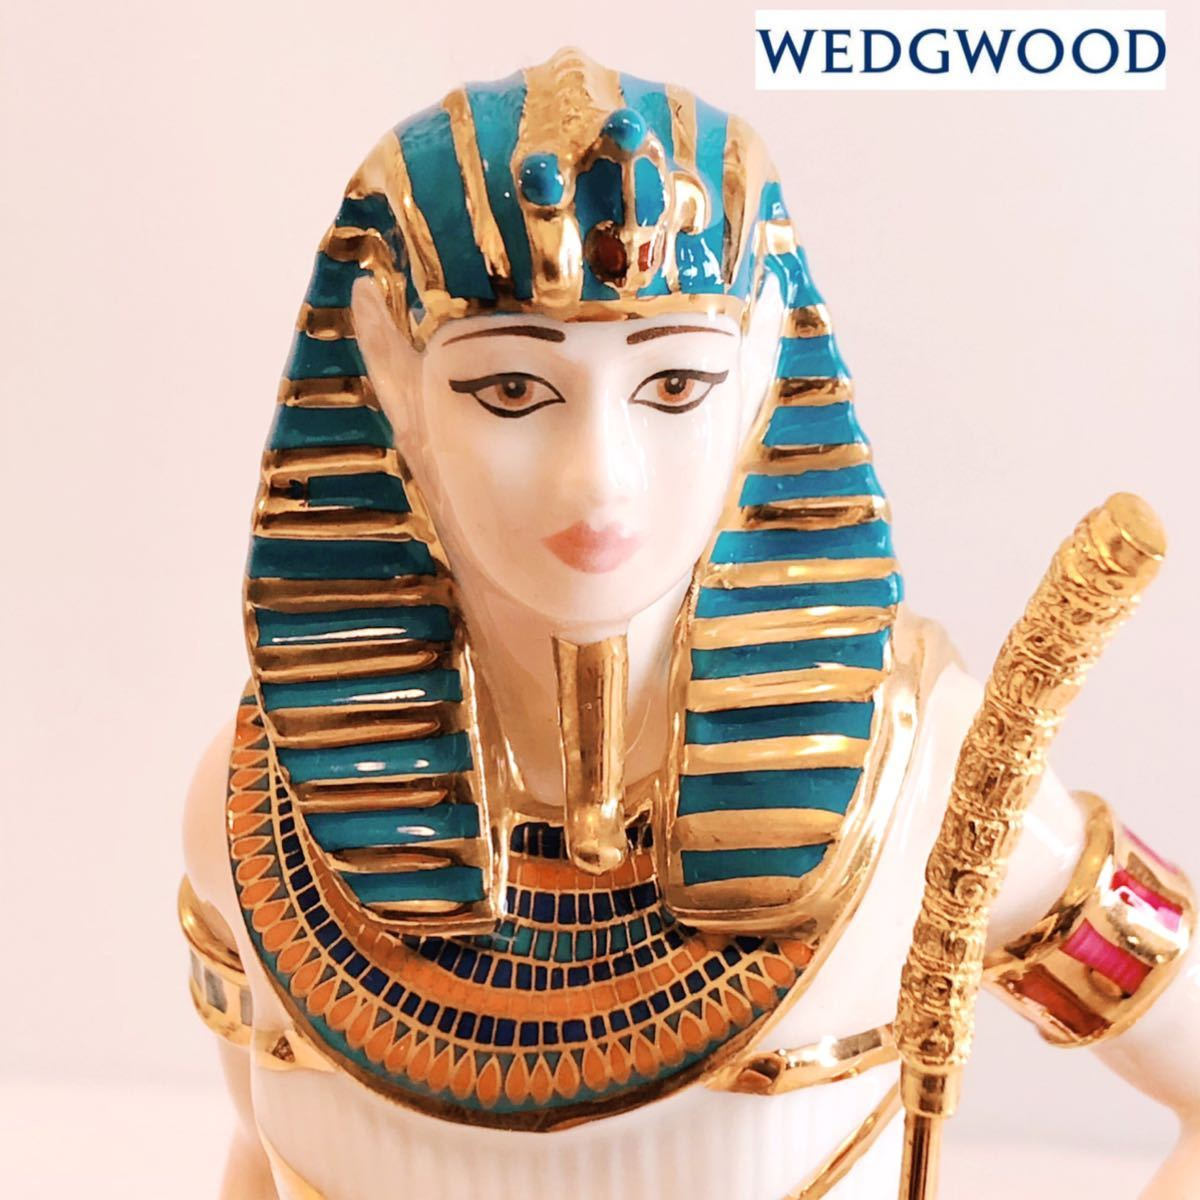 【貴重】WEDGWOOD/ツタンカーメン/The Boy King/Tutankhamun/ウェッジウッド/激レア/英国製/イギリス/置物 /限定品/陶器人形/フィギュア_画像1